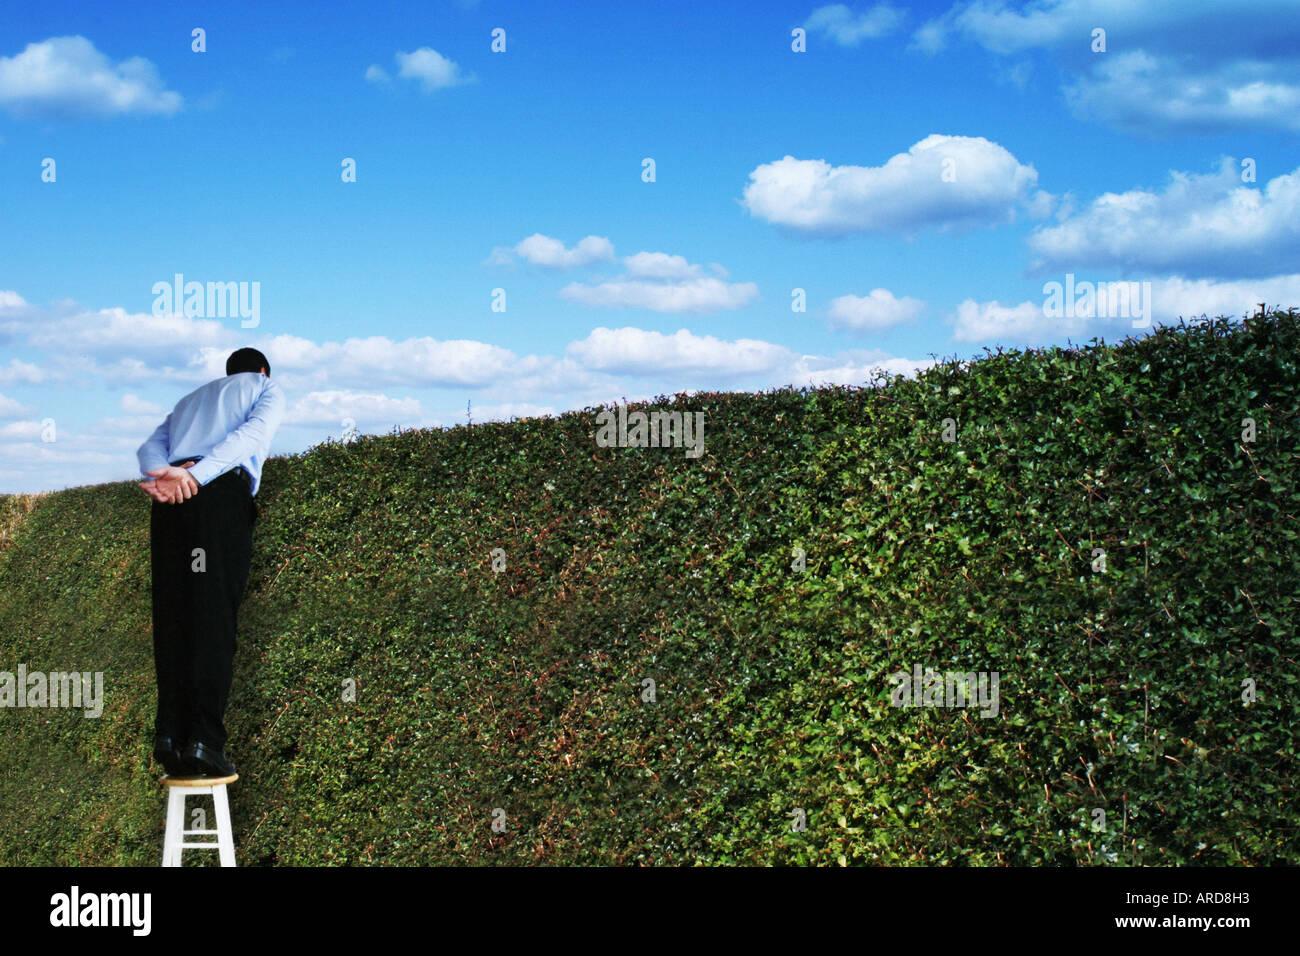 Mann stand auf einem Hocker mit Blick auf eine hohe Hecke Stockbild